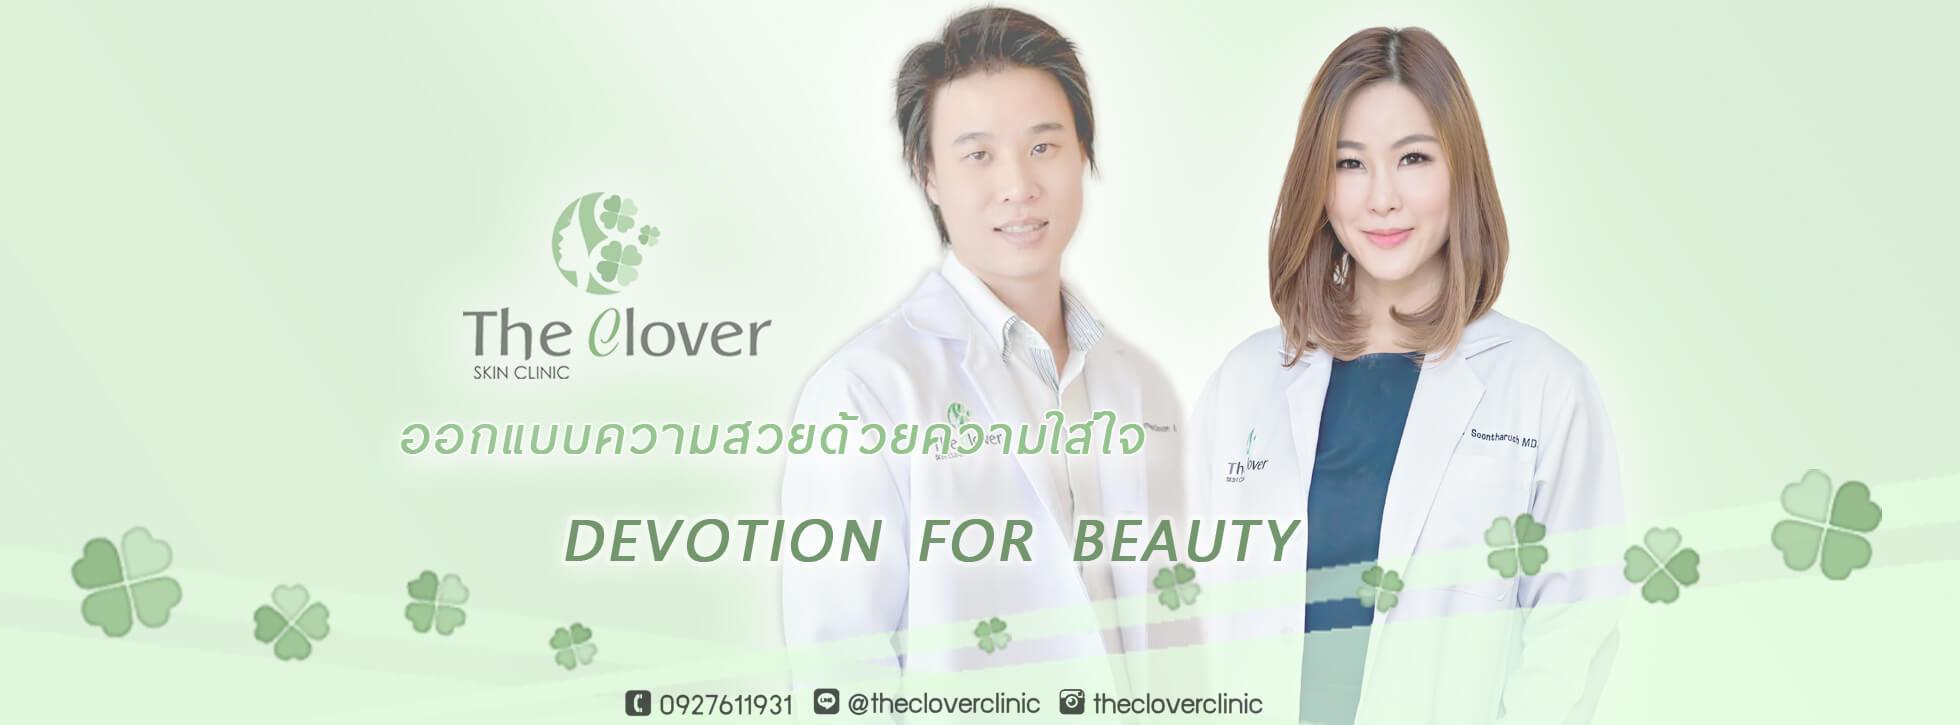 The Clover Clinic คลินิกเสริมความงาม โดยทีมแพทย์ผู้เชี่ยวชาญ